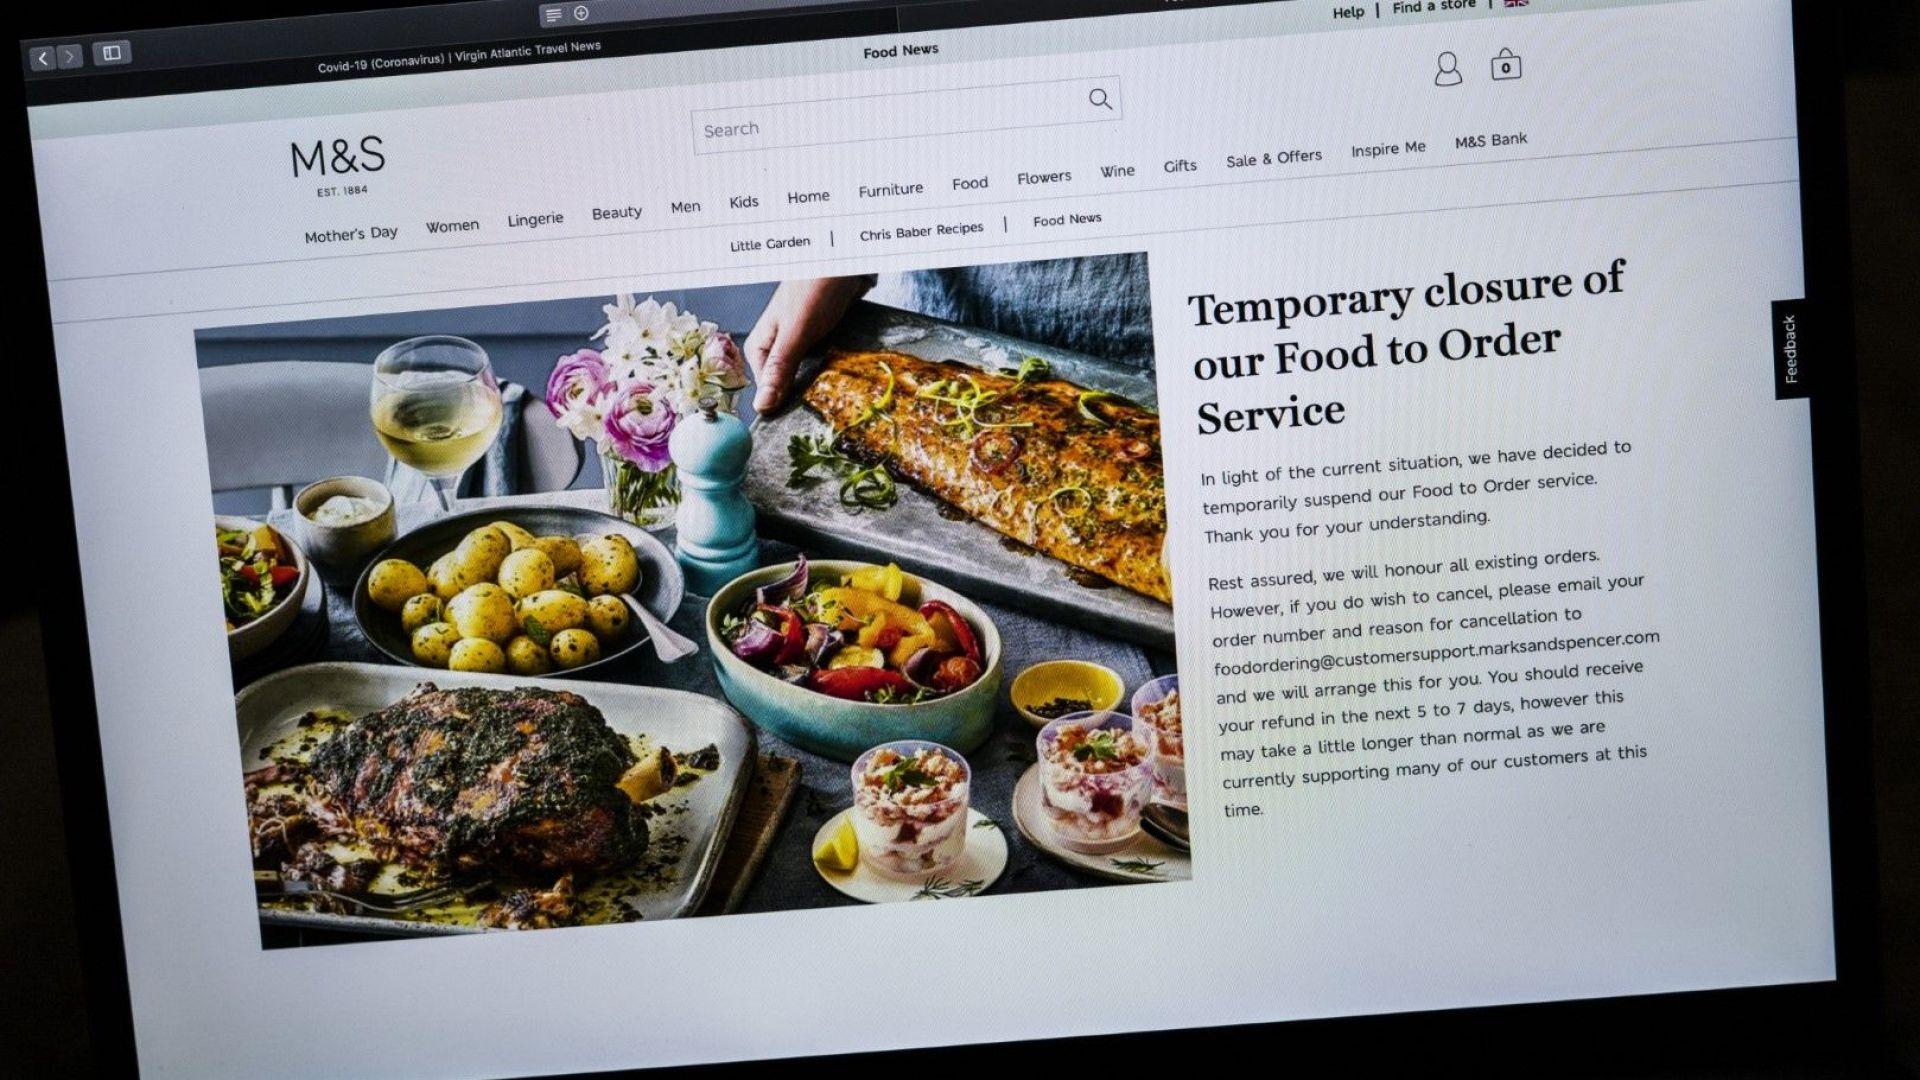 M&S се обръща към доставки на хранителни продукти, за да спре спада